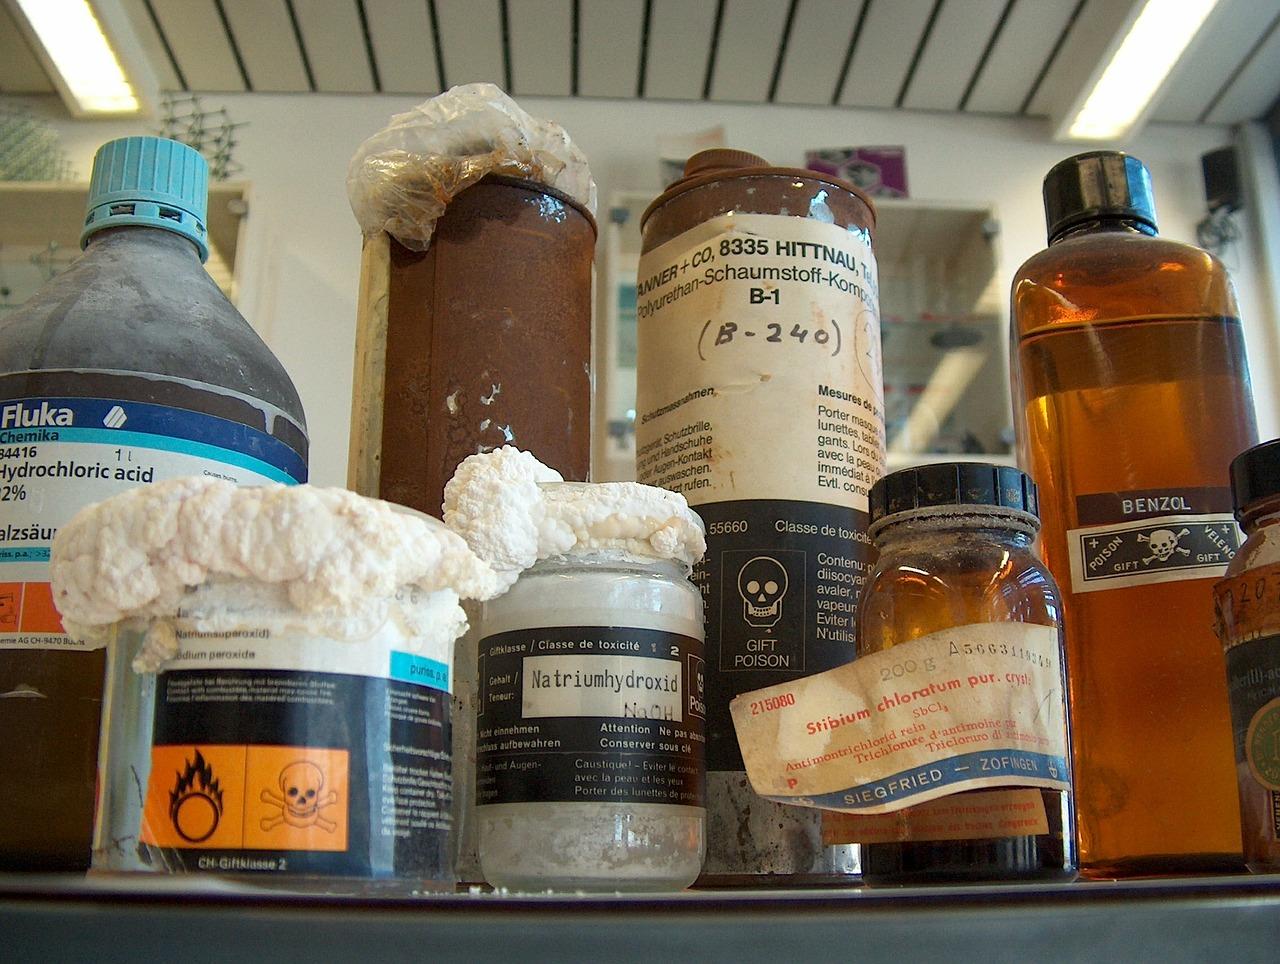 W przypadku niezgodności chemicznej jaką jest wytrącanie słabych zasad najczęściej poprawa recepty polega najczęściej na wydzieleniu chlorowodorku papaweryny ze składu mieszanki ipodanie jej w proszkach (fot. Receptura.pl).